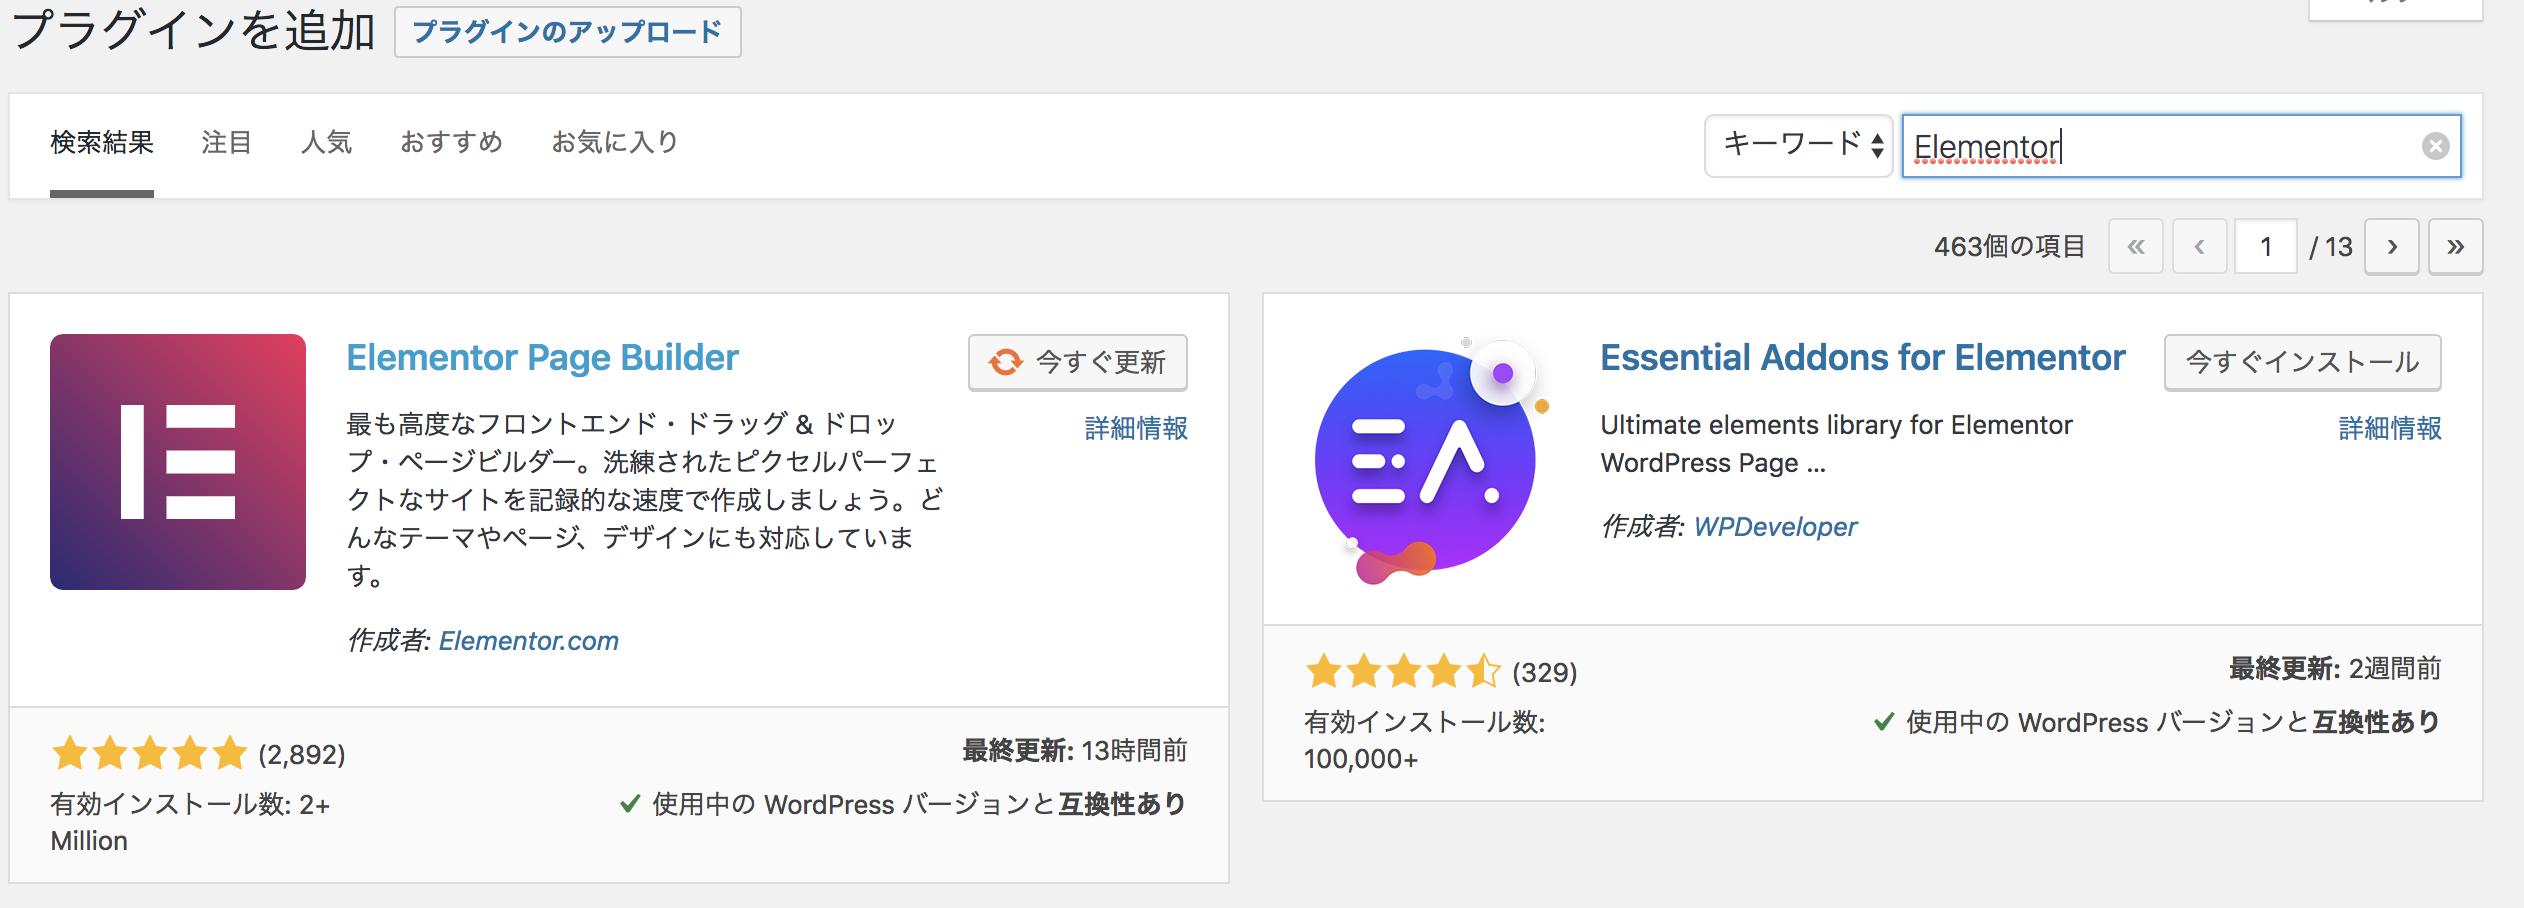 CSSなしでブログのトップページをサイト型にできるプラグイン「Elementor」